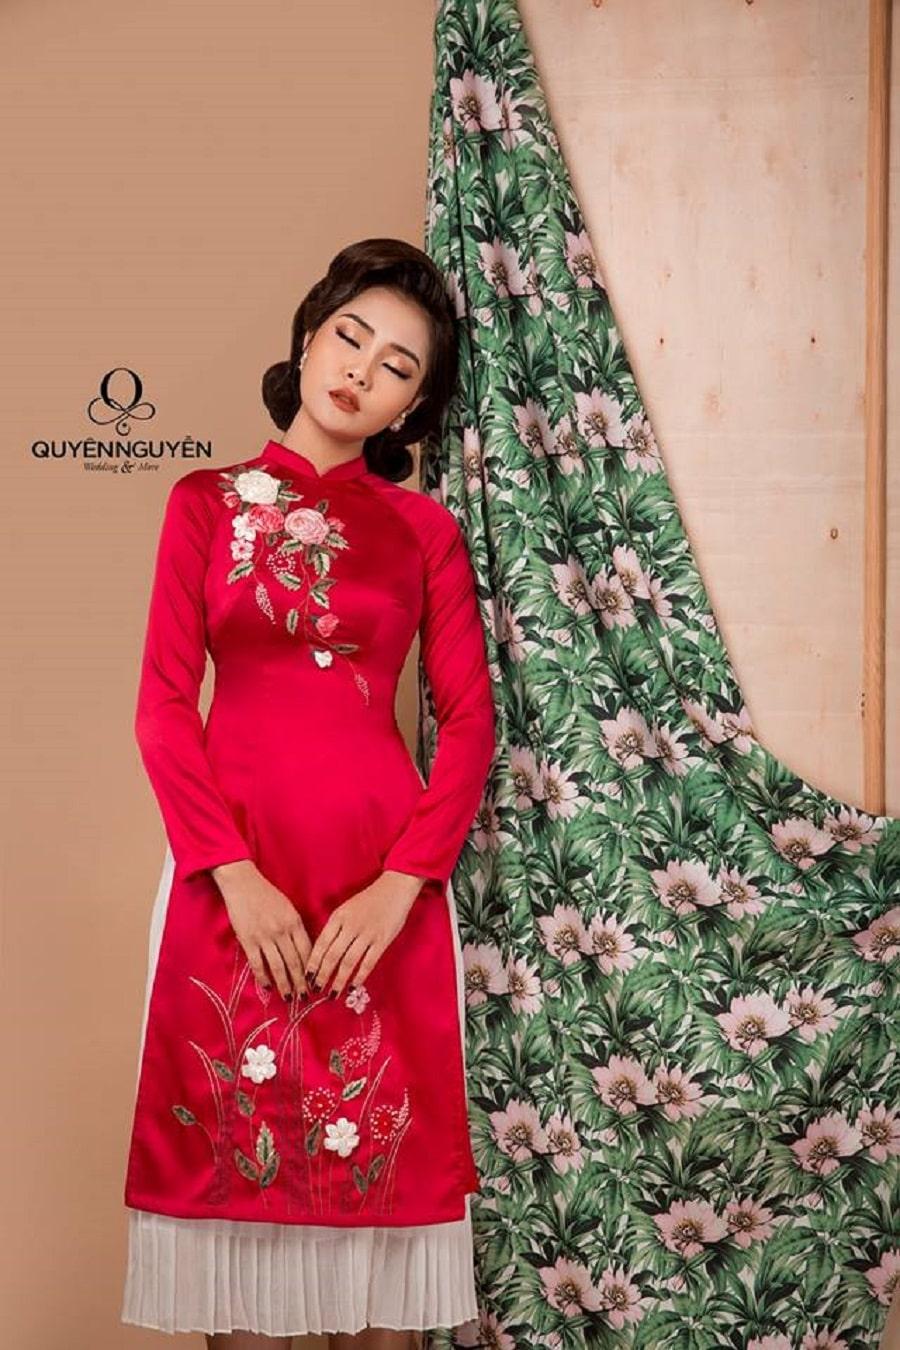 Áo dài cách tân đỏ thêu hoa ruy băng